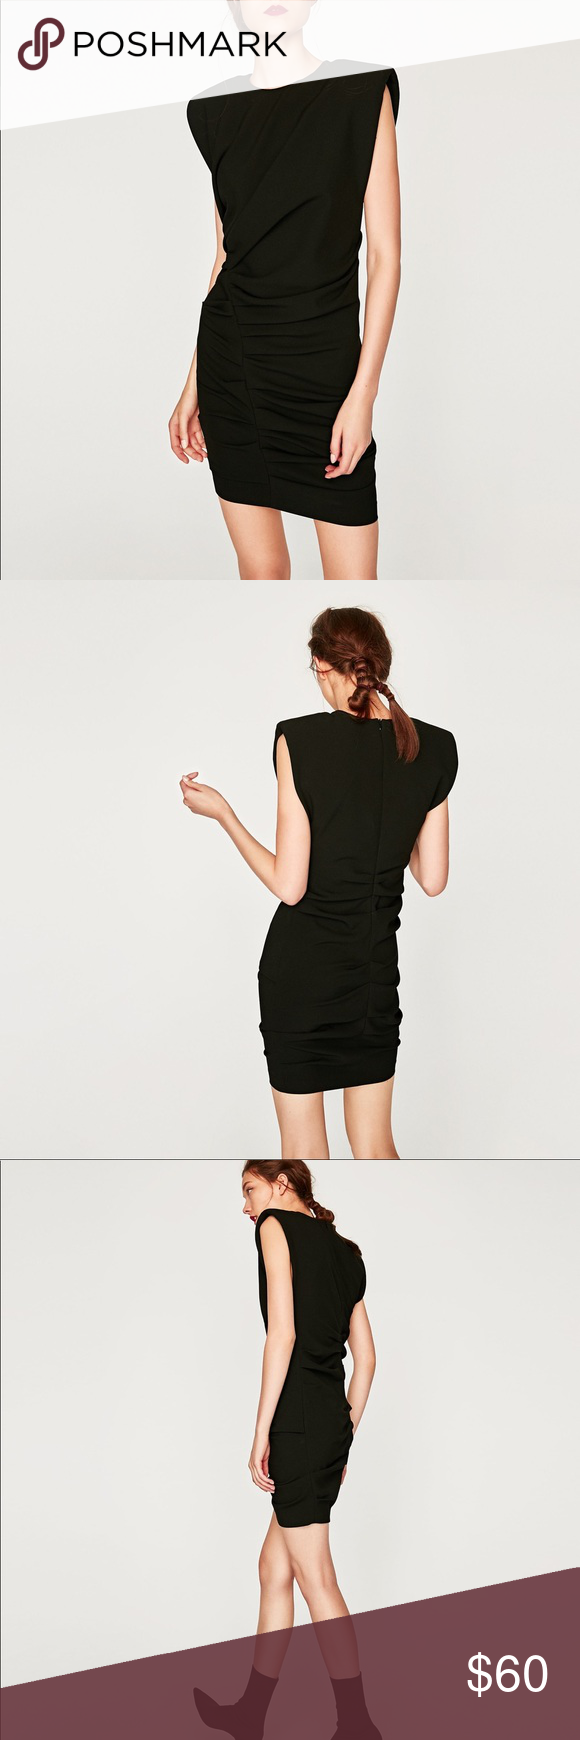 Nwt Zara Black Ruched Dramatic Mini Draped Dress Zara Black Dress Black Ruched Dress Zara Black [ 1740 x 580 Pixel ]